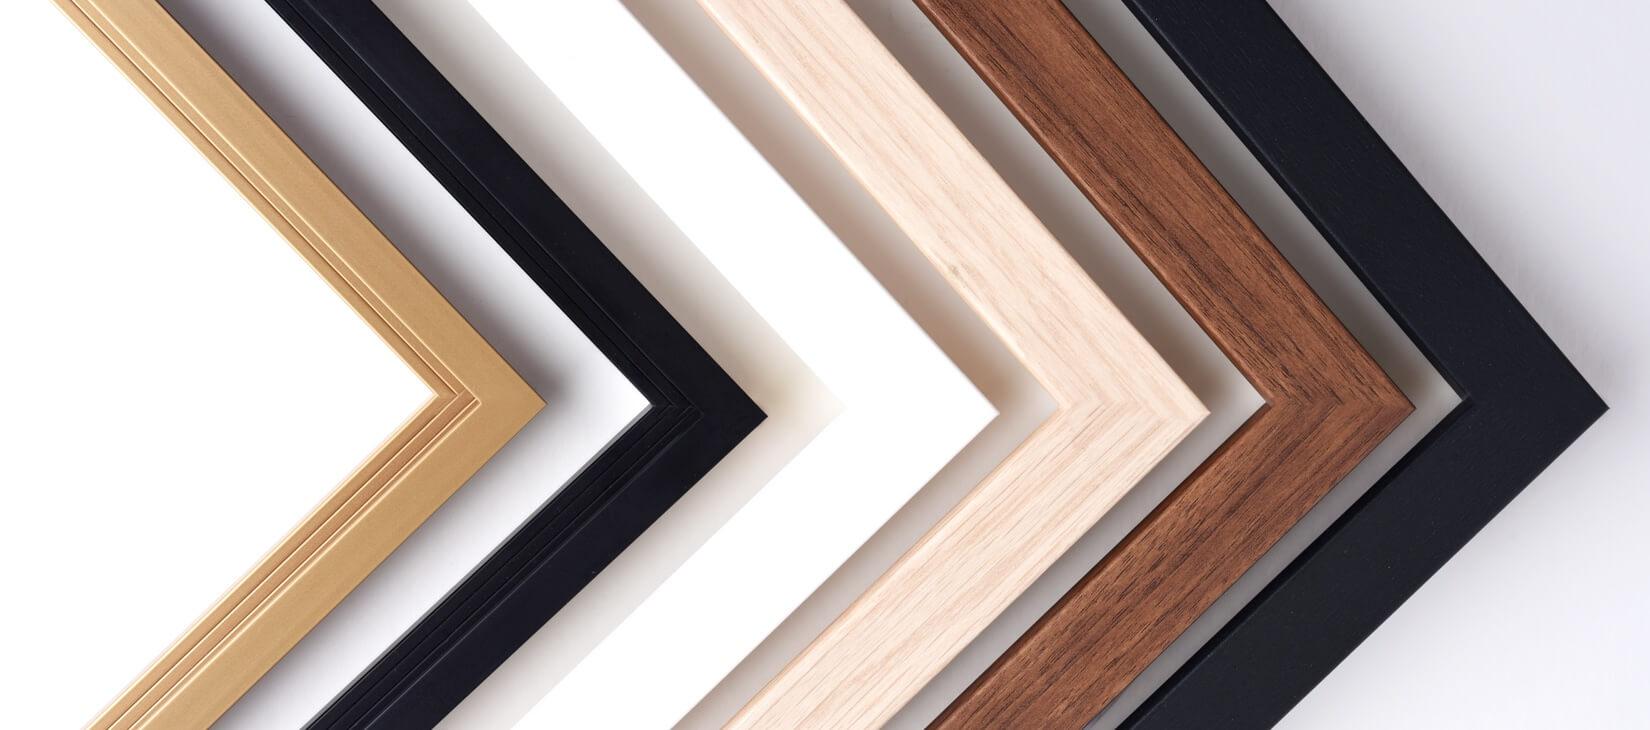 Frames Assortment